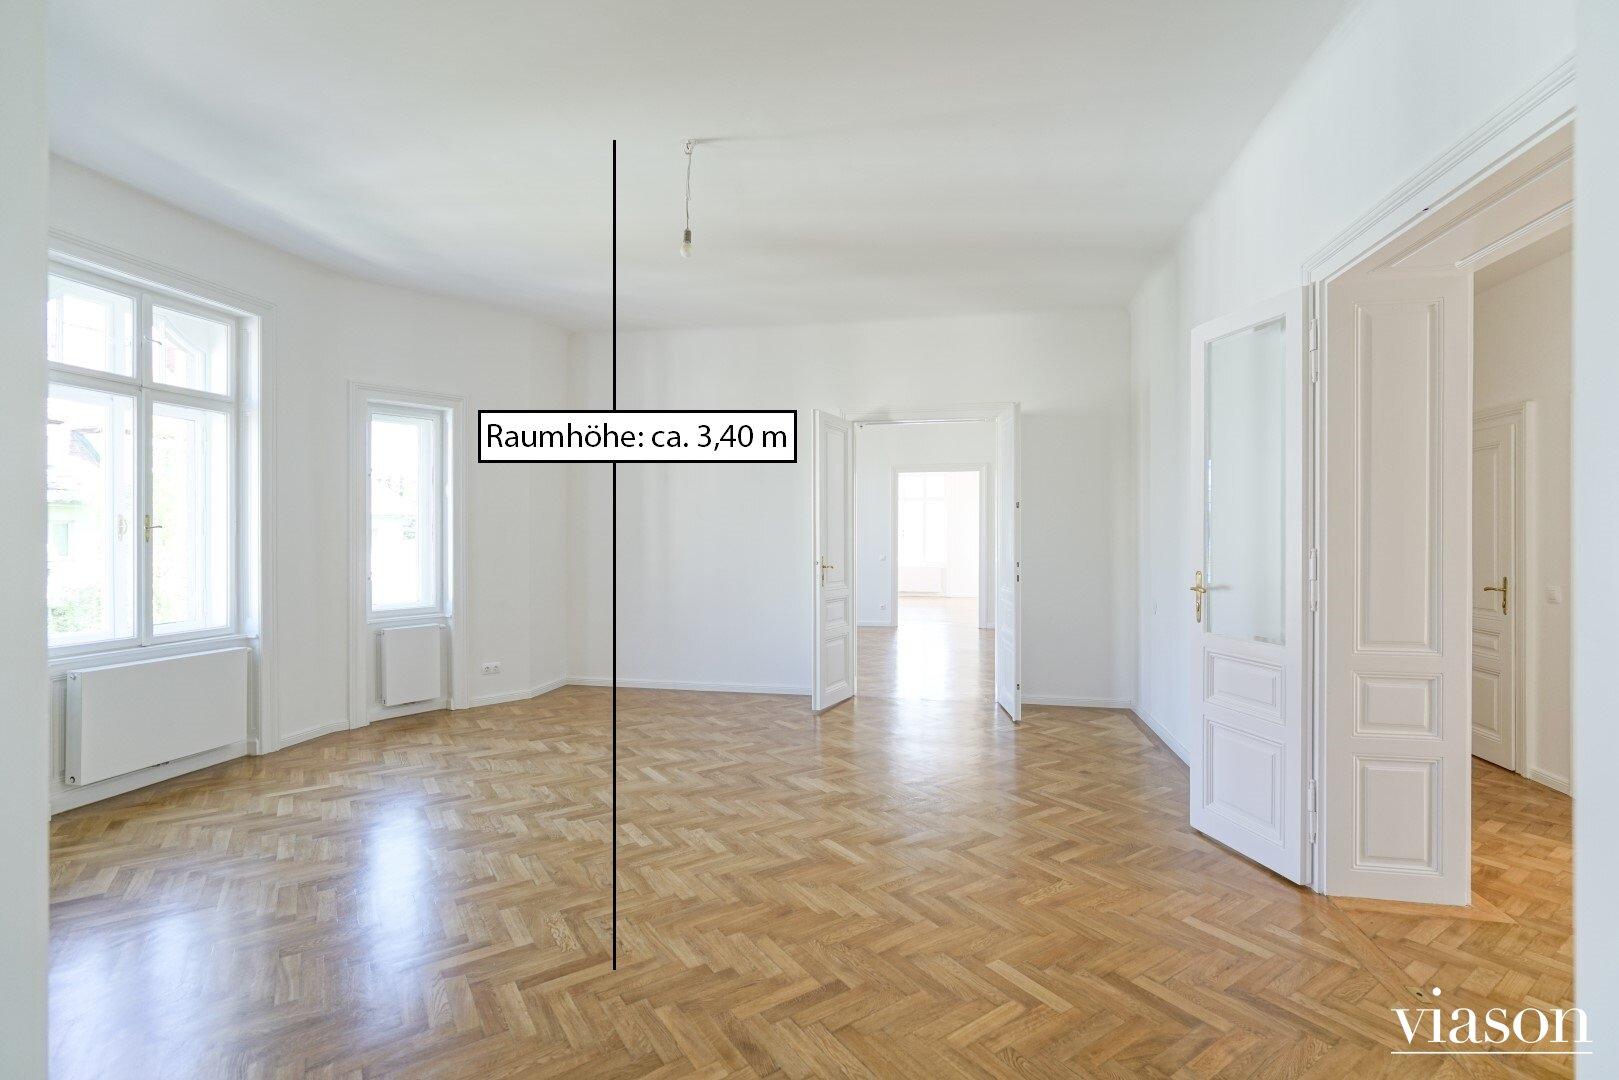 Raumhöhe